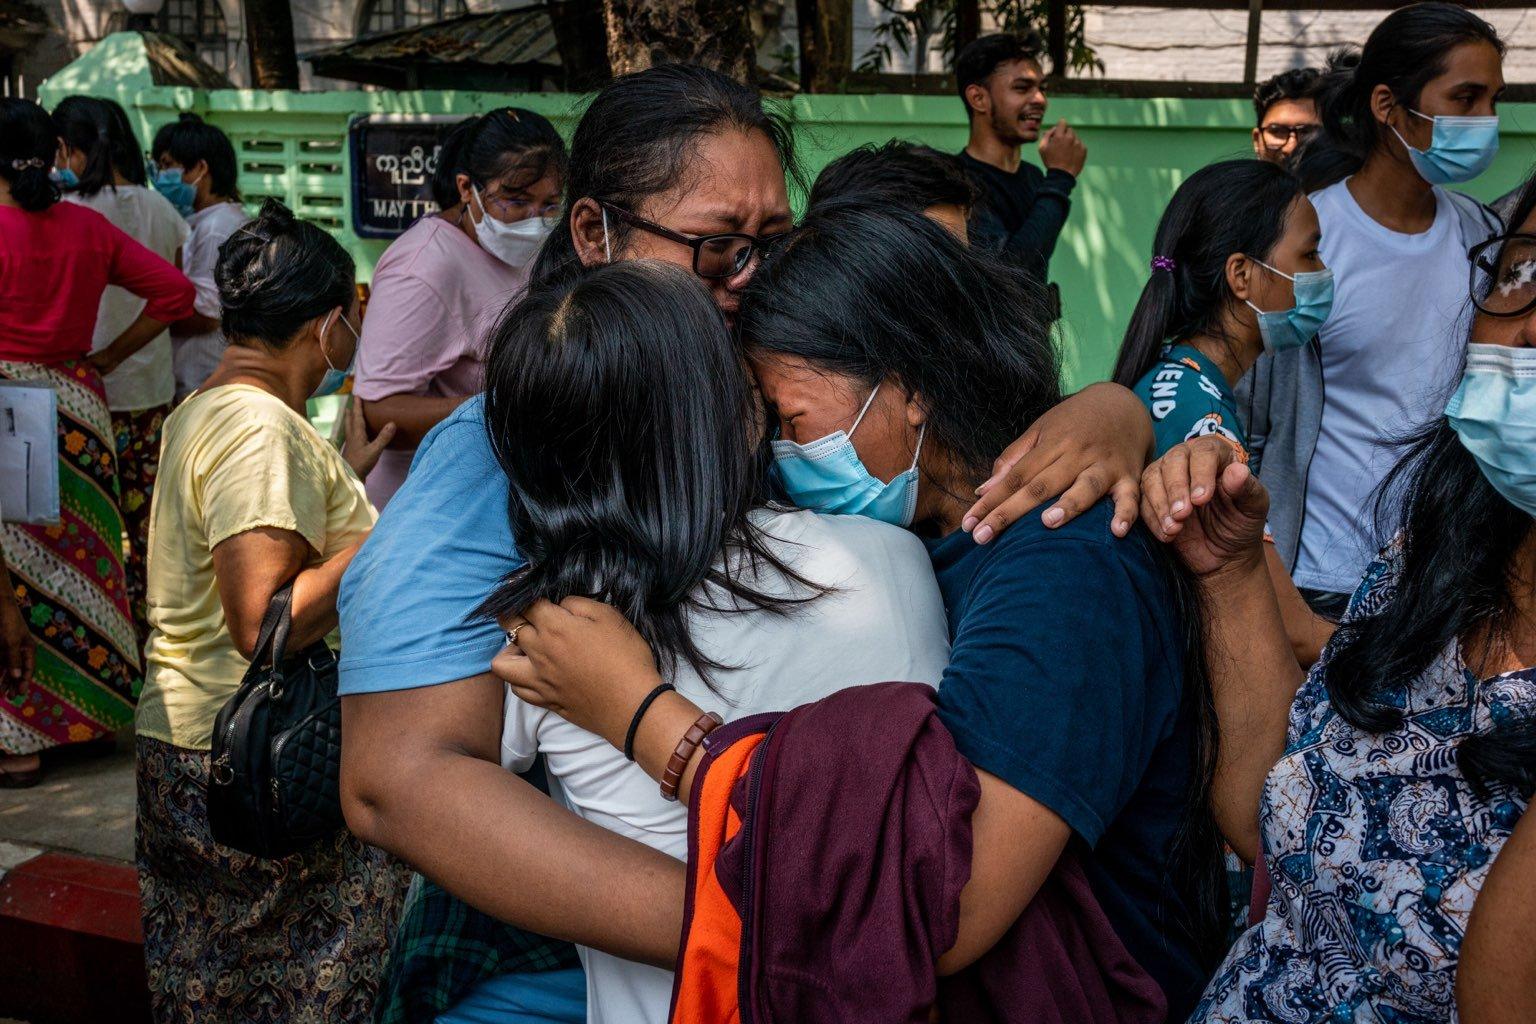 မတ်၂၄ရက်က အင်းစိန်ထောင်မှ ပြန်လွတ်လာသူများကို ဘတ်စ်ကားများဖြင့် တင်ဆောင်၍ တာမွေမြို့နယ်၊ တာမွေရဲစခန်းအနီး၊ ဗညားဒလလမ်းမသို့ ပို့ဆောင်ခဲ့သည်။ ပြန်လွတ်လာသူများသည် မိသားစုဝင်များနှင့် ပြန်လည်ဆုံစည်းခဲ့ကြသည်။ (ဓာတ်ပုံ | ဖရွန်းတီးယားမြန်မာ)